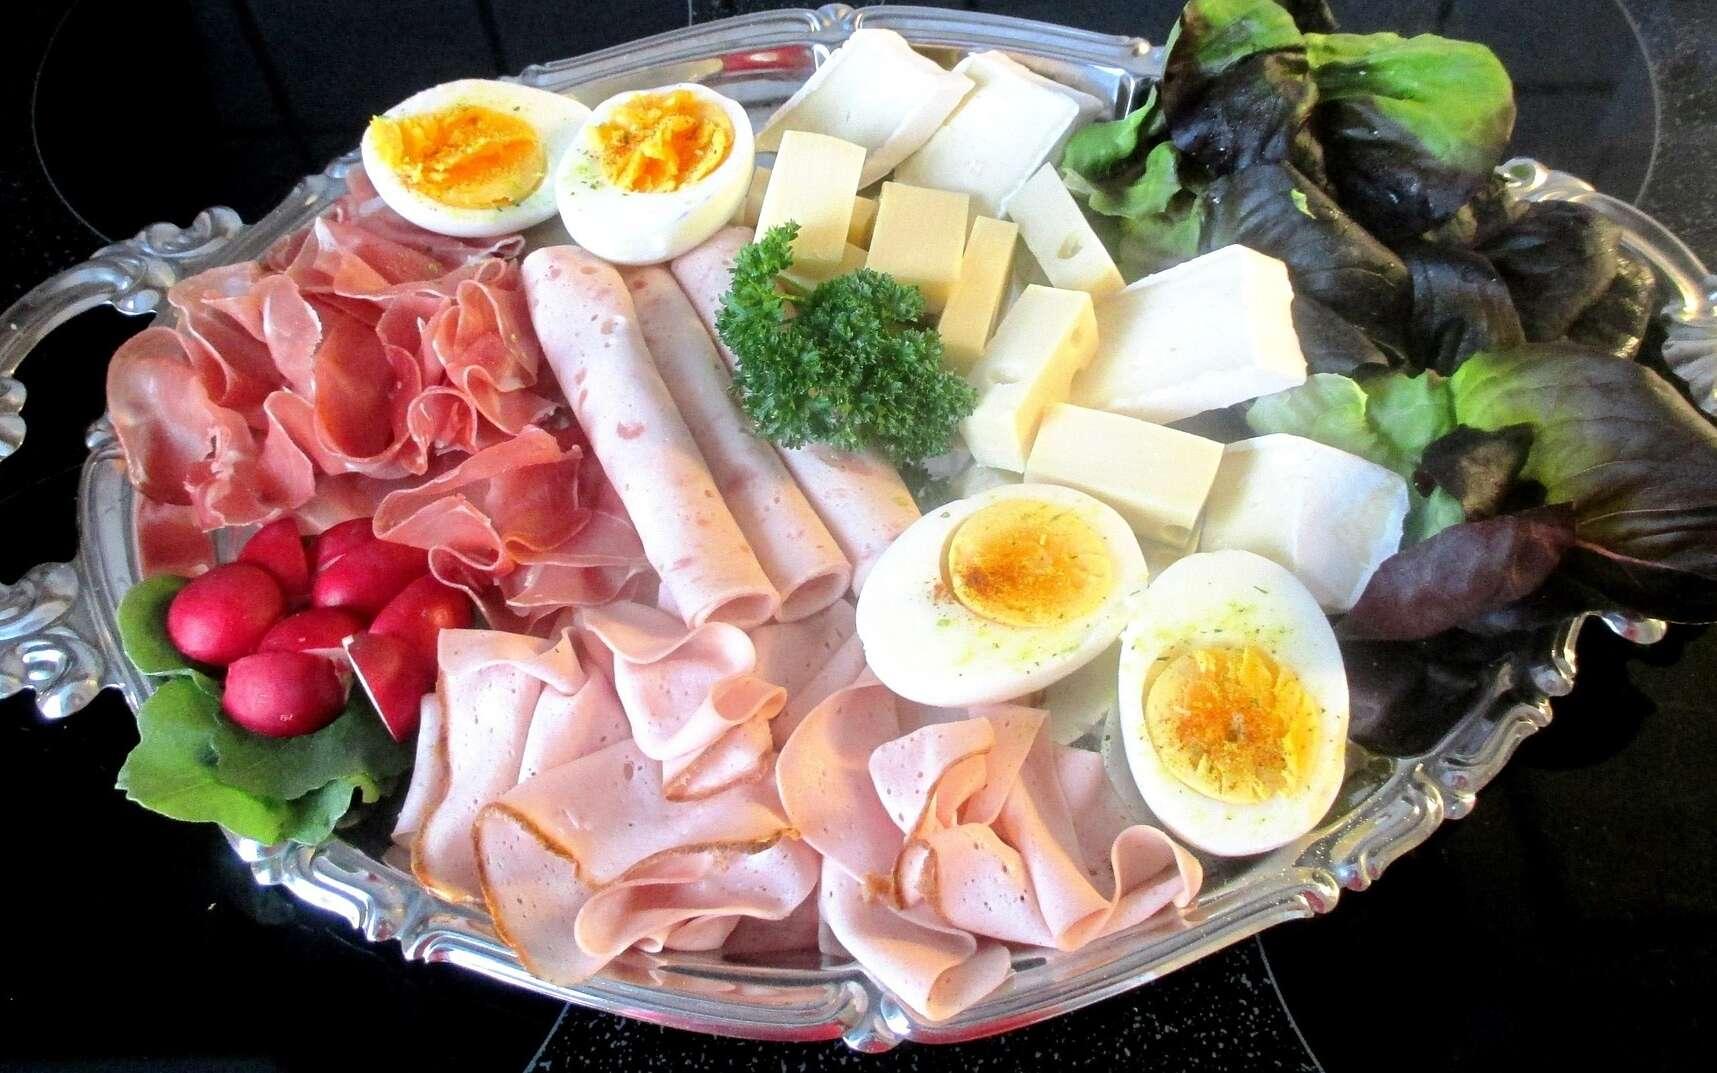 Le régime cétogène est riche en graisses et pauvre en glucides. © seelenbluete, Pixabay, CC0